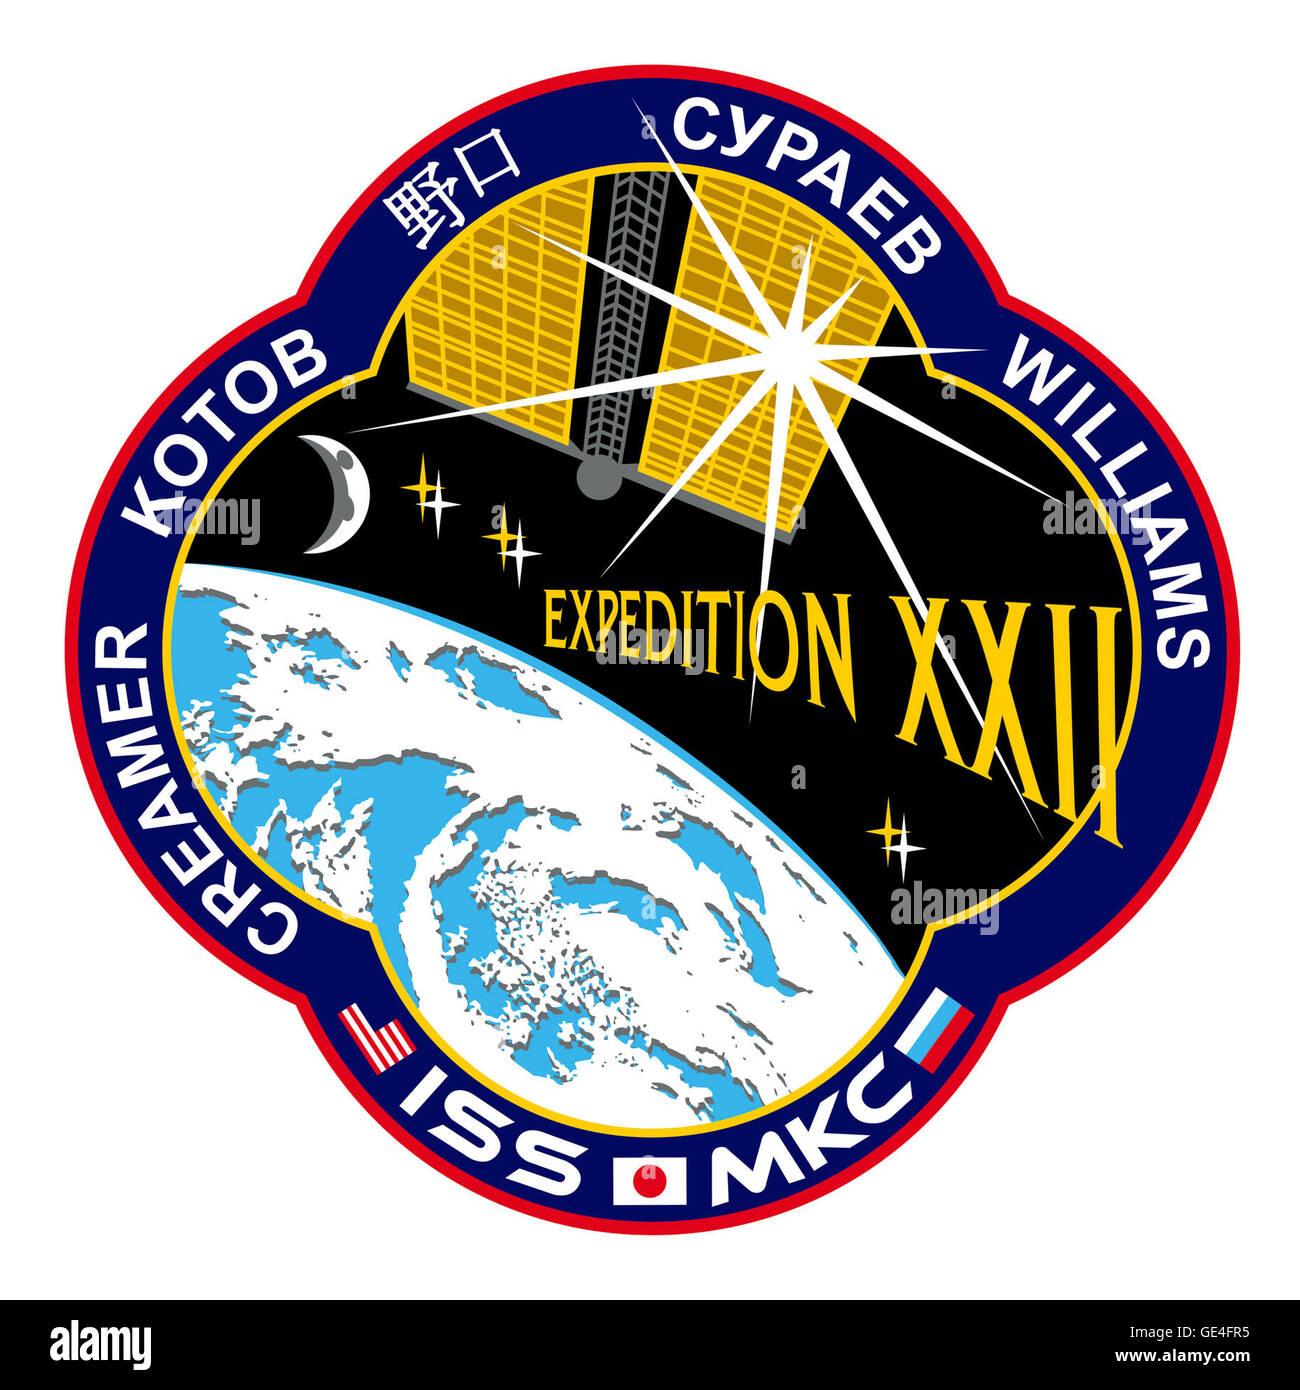 Launch: Soyuz TMA-16 September 30, 2009 Landing: March 18, 2010 Launch: Soyuz TMA-17 December 20, 2009 Landing: - Stock Image